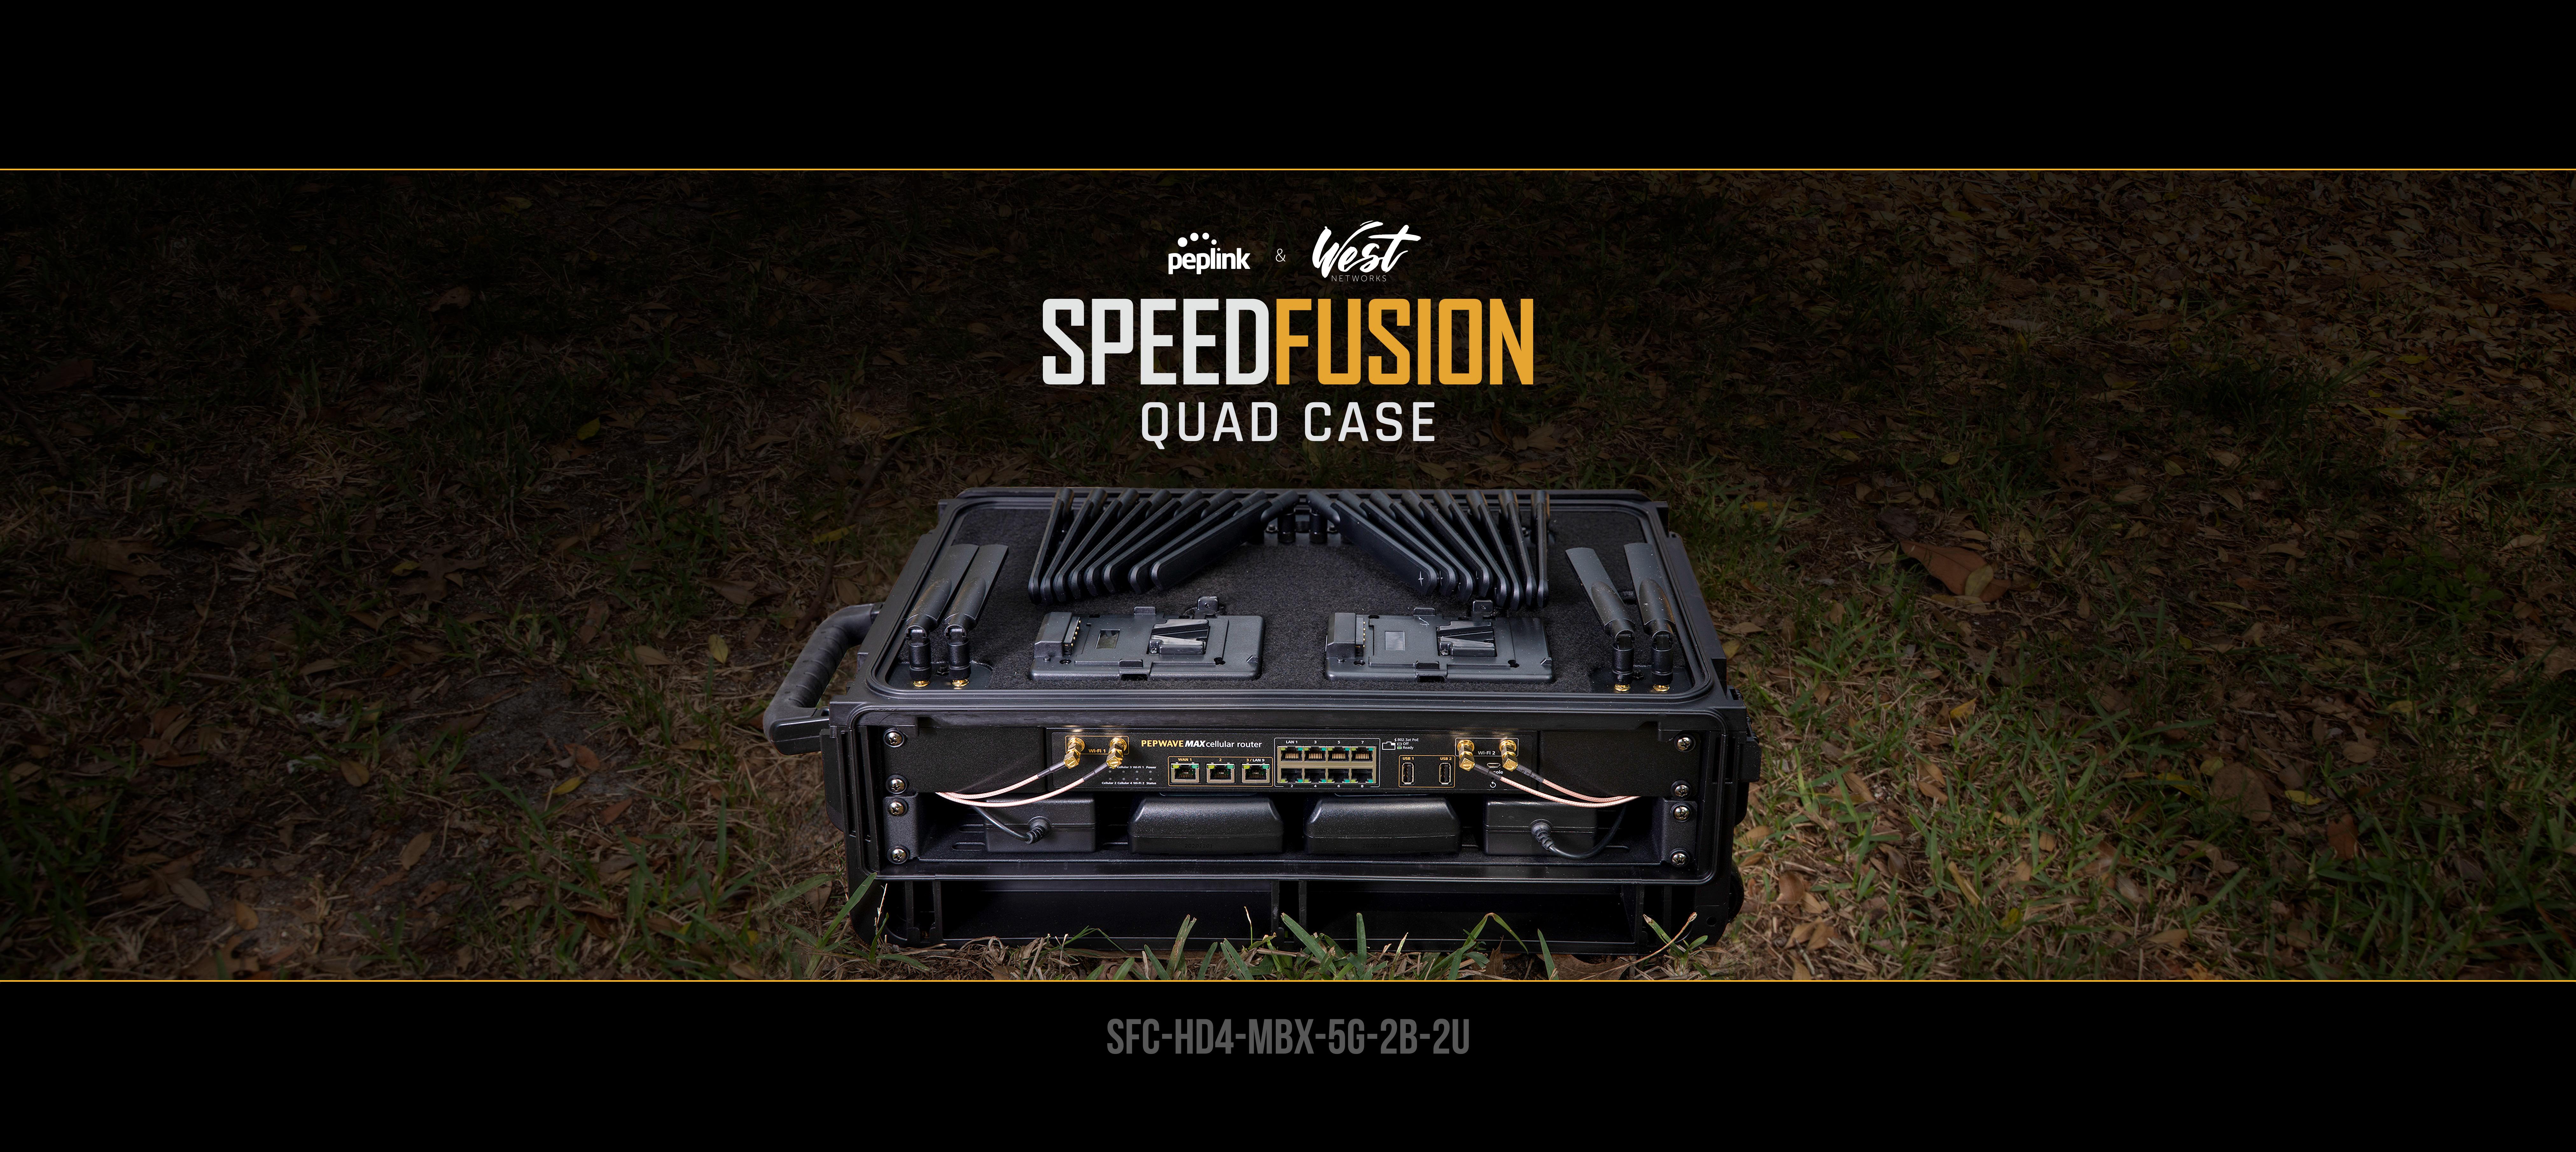 Header SFC-HD4-MBX-5G-2B-2U